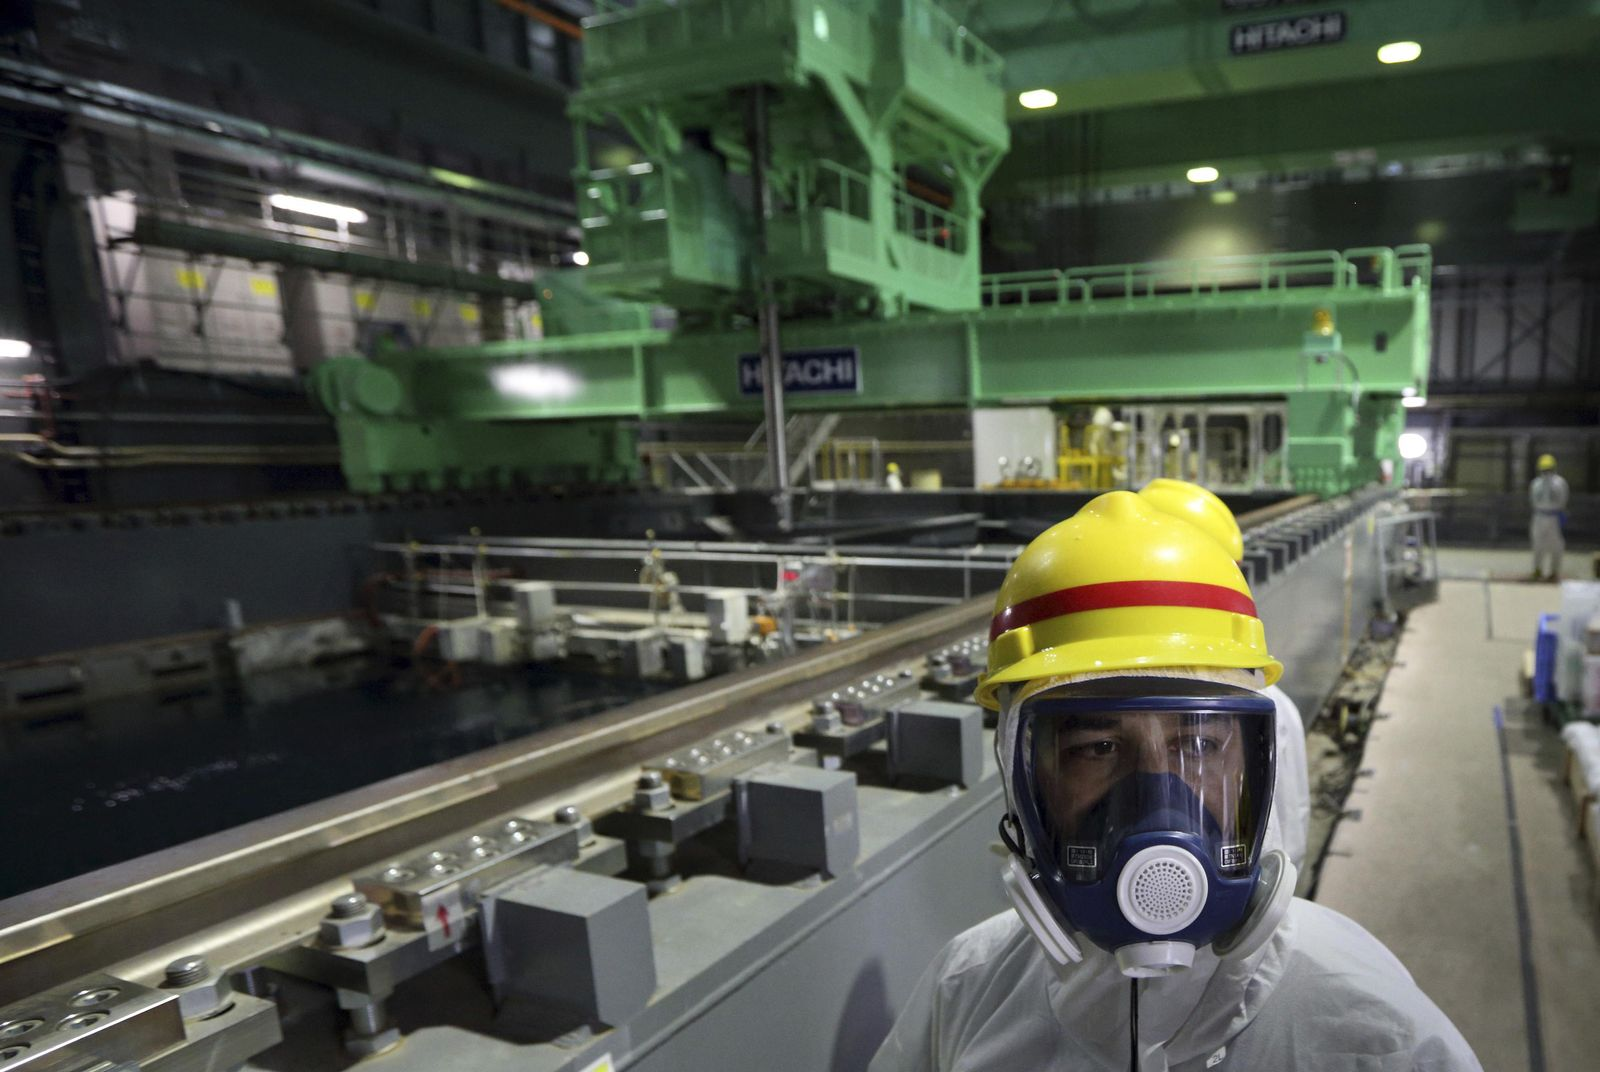 Fukushima / Japan / Tepco